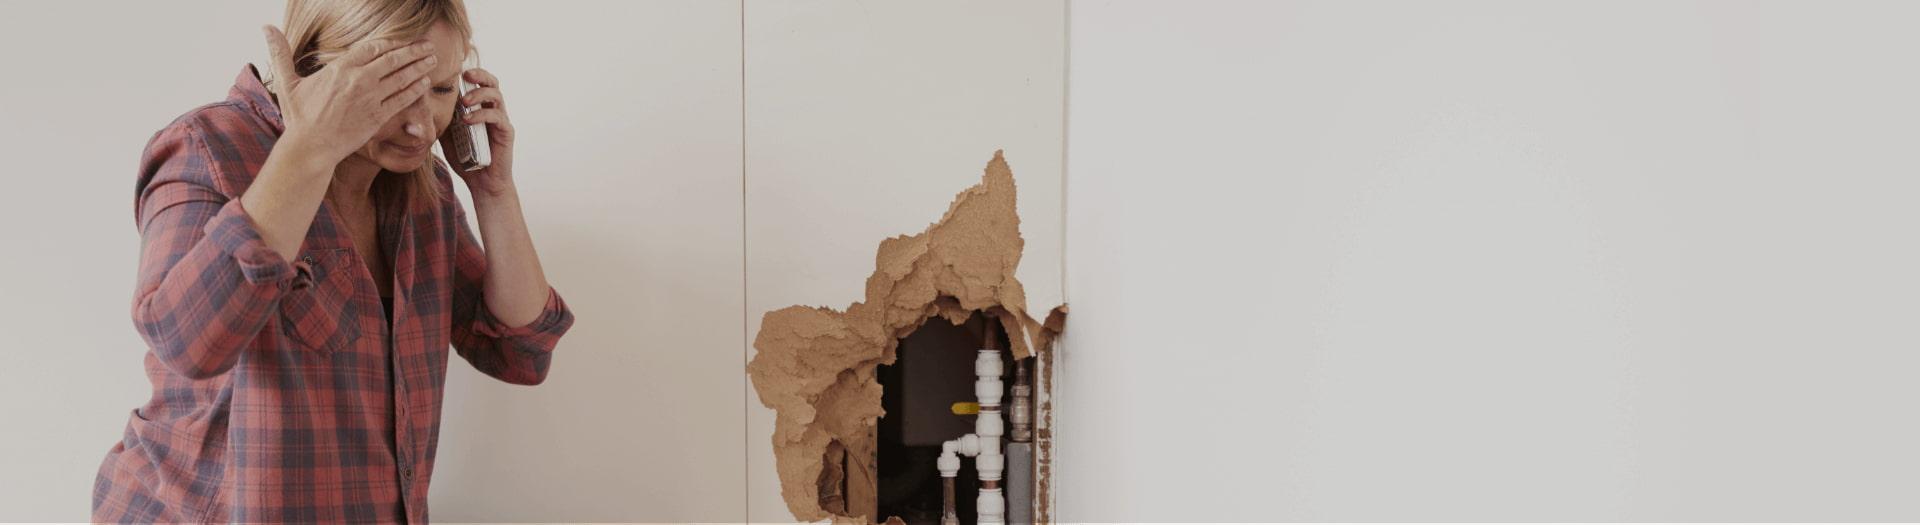 plumbing-banner